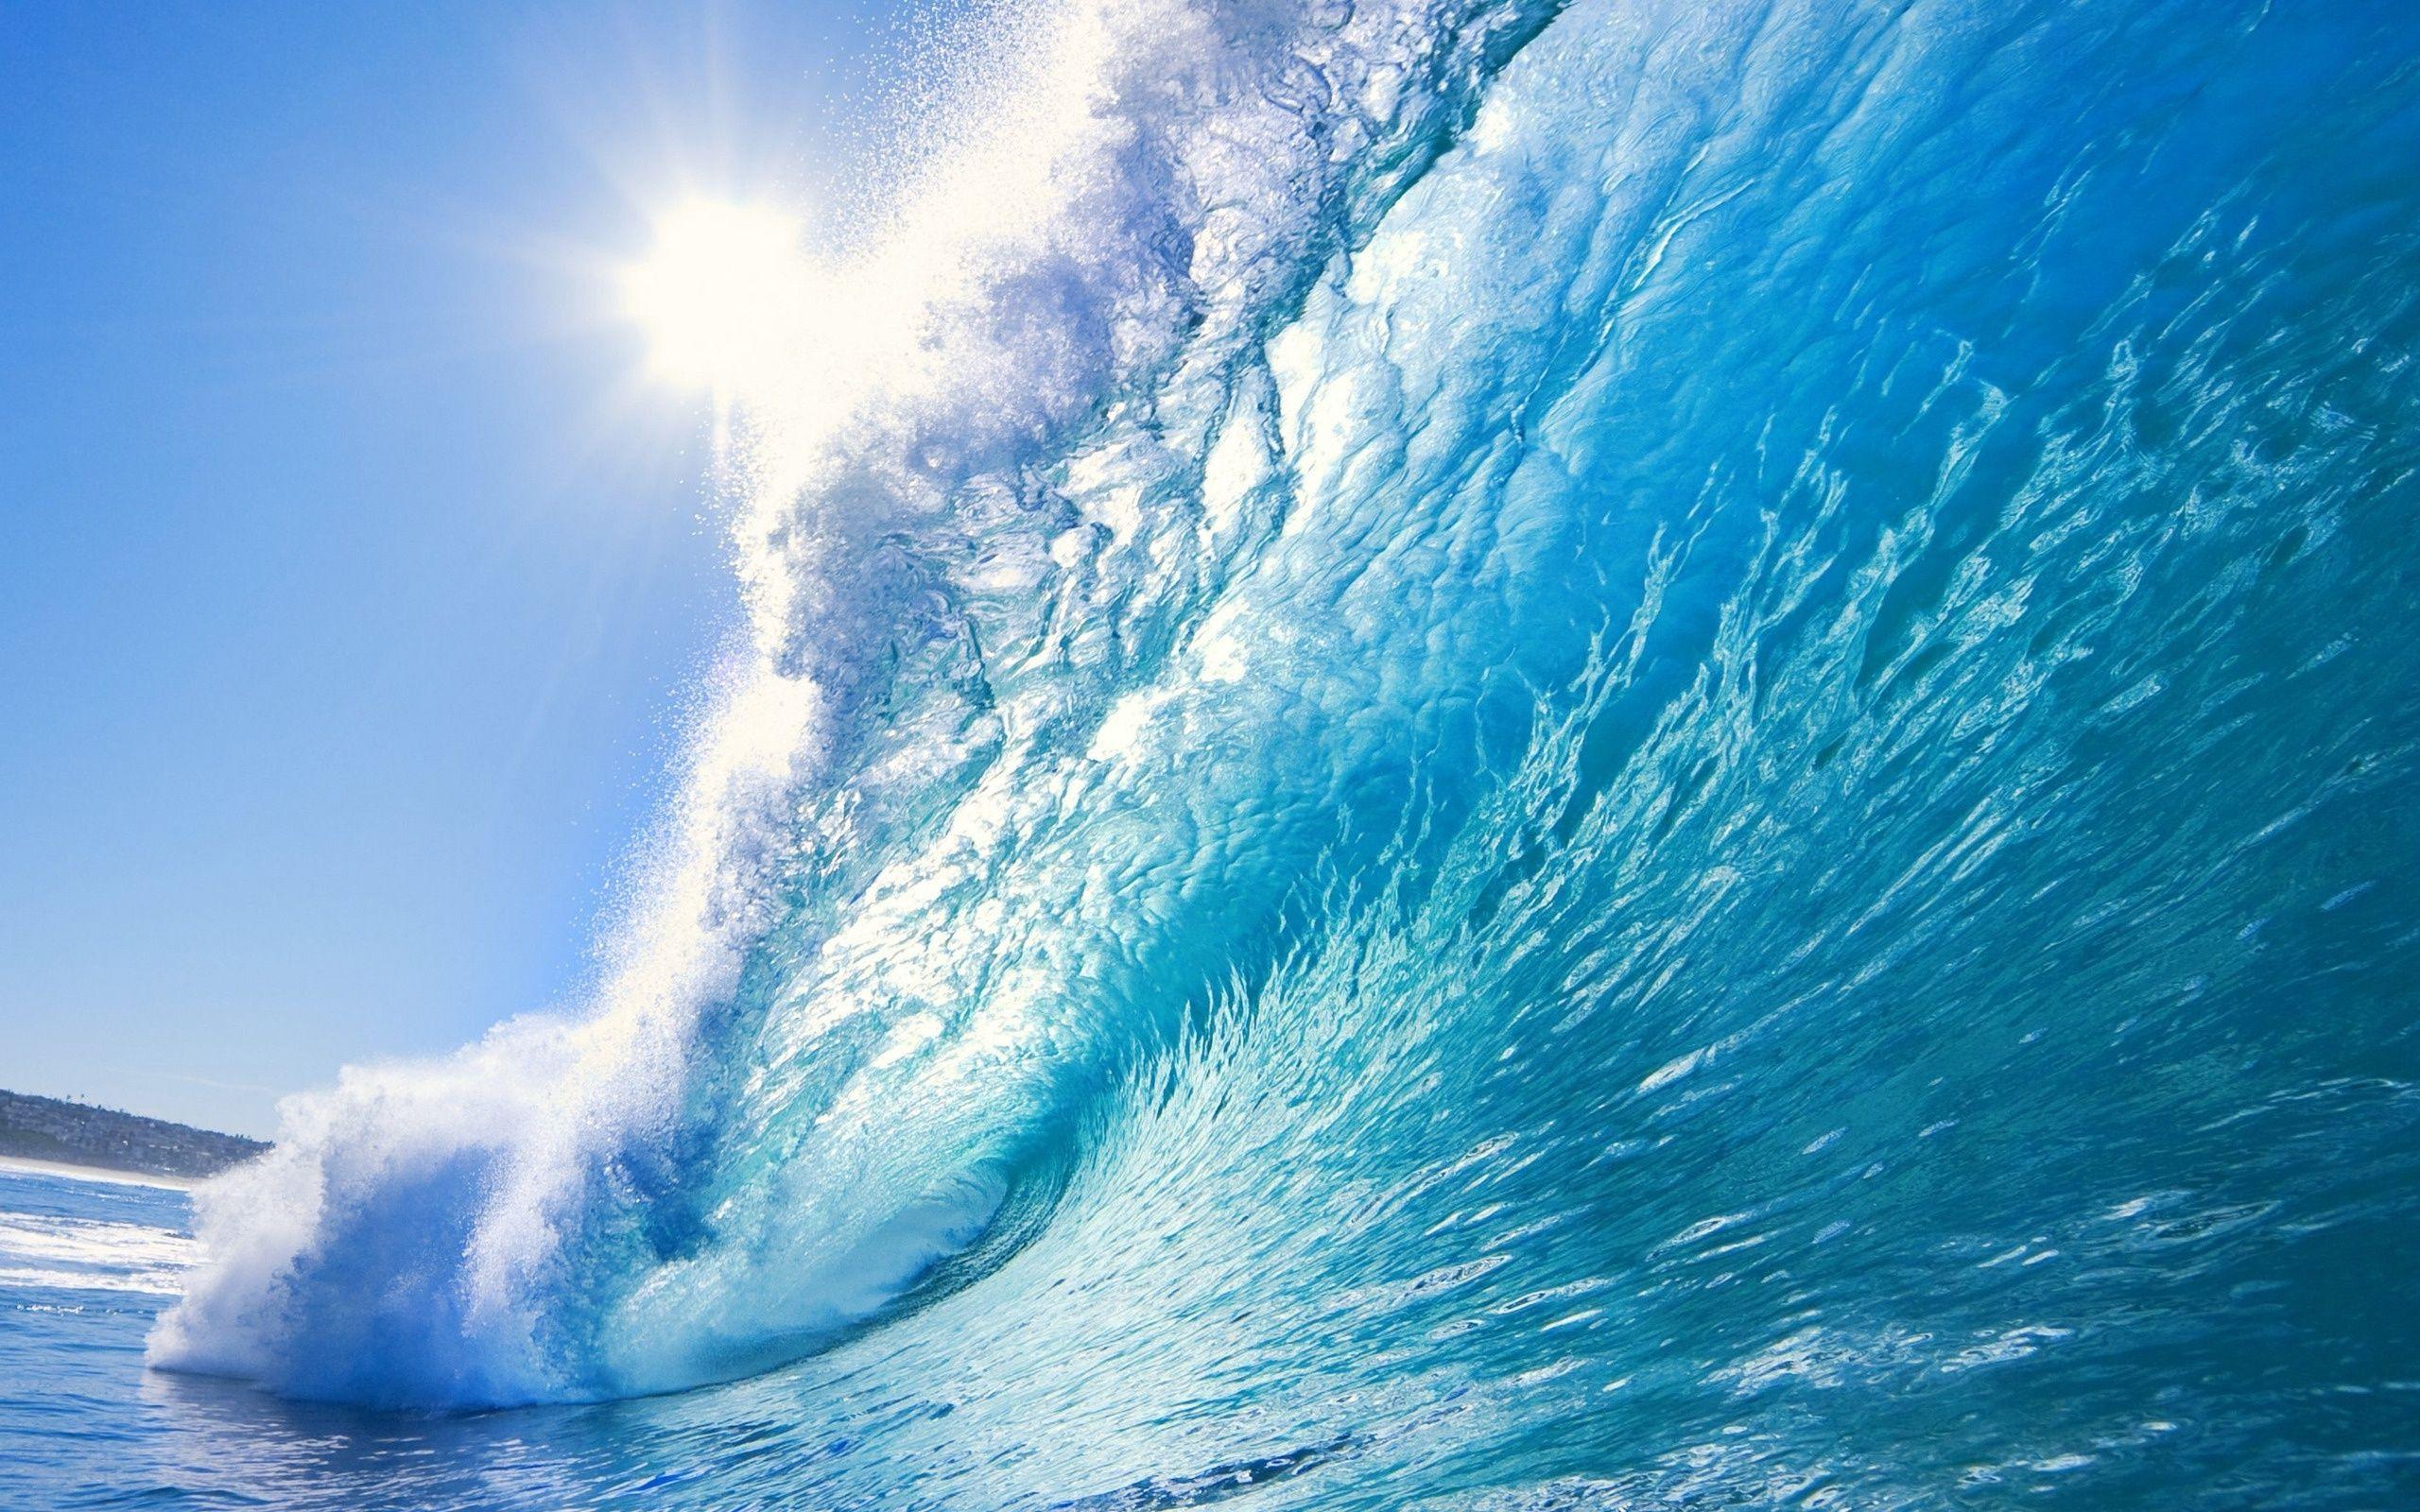 Amazing Ocean Waves Wallpaper ...